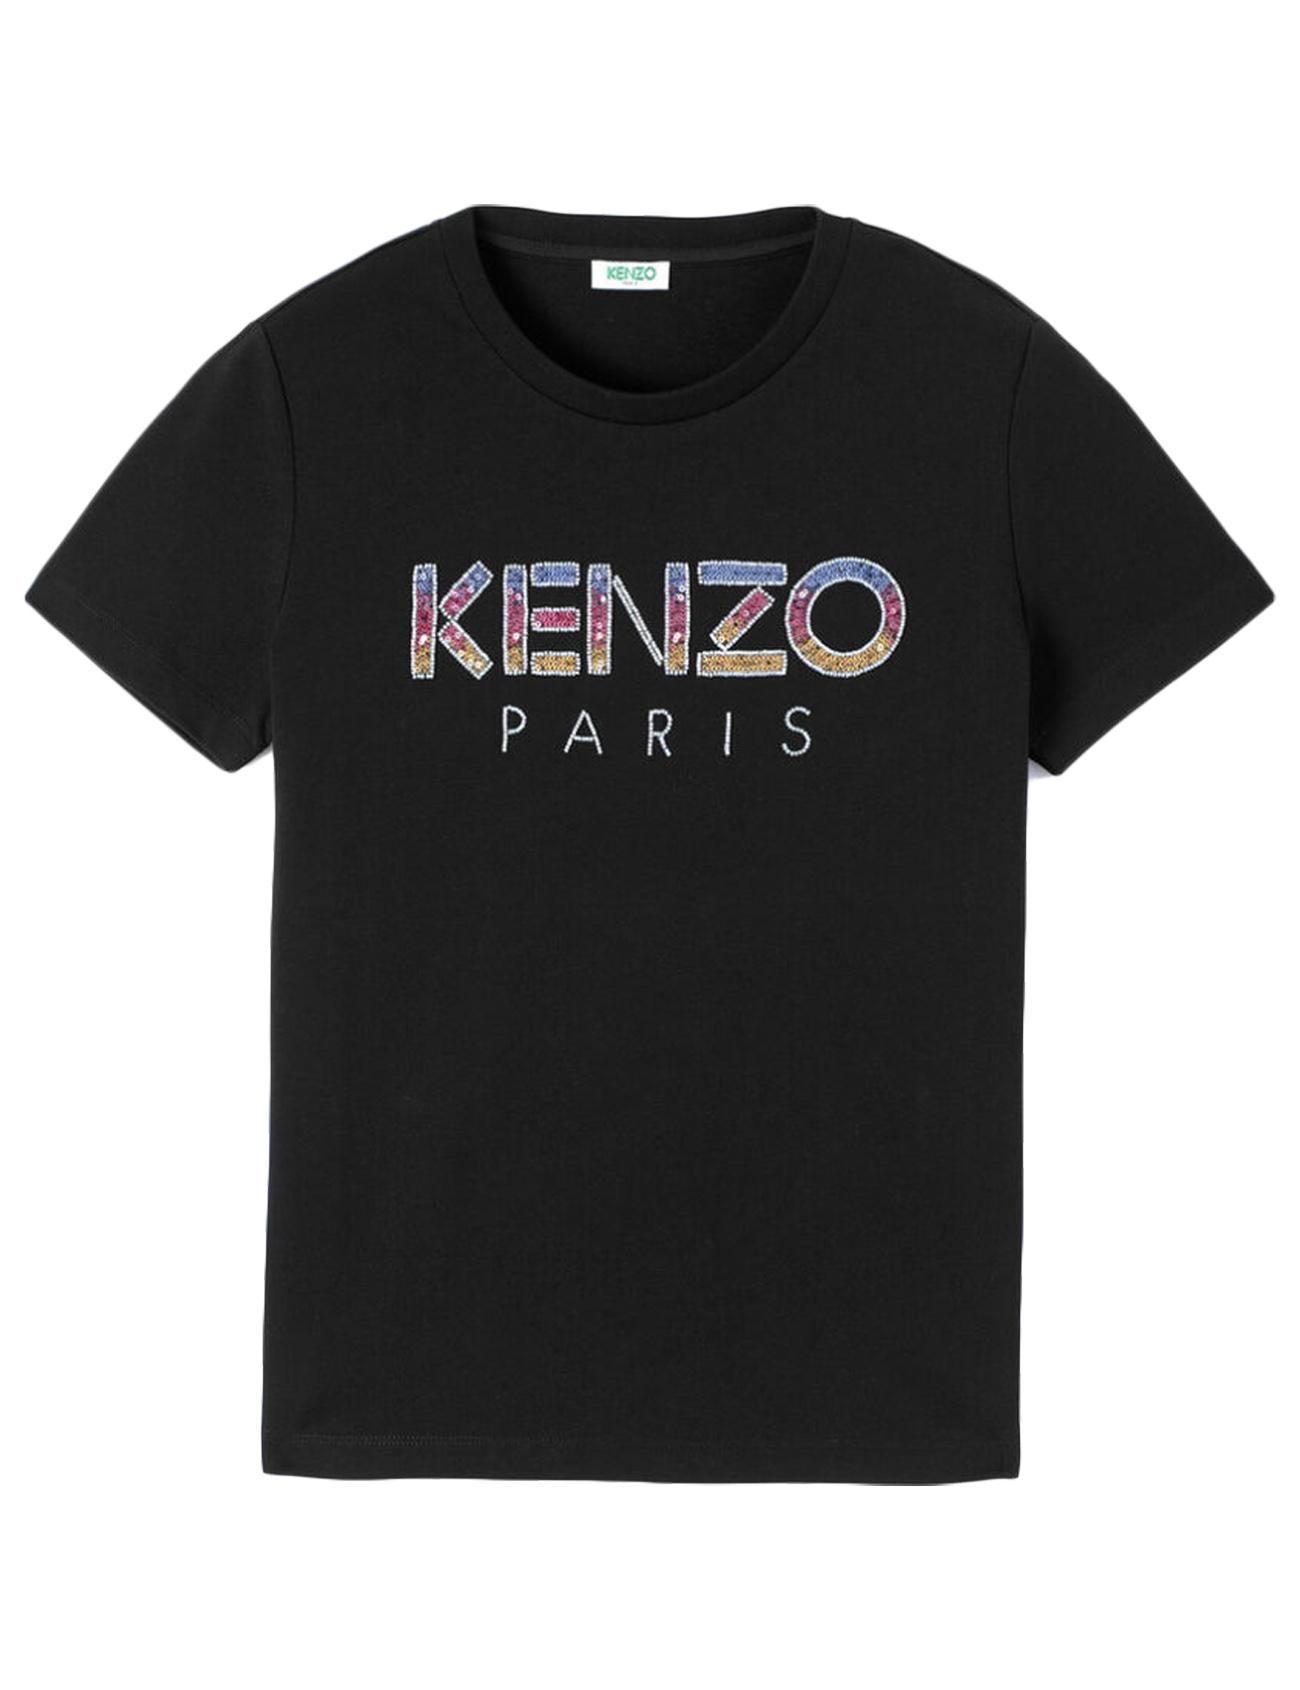 kenzo-2TS821936-1.jpg